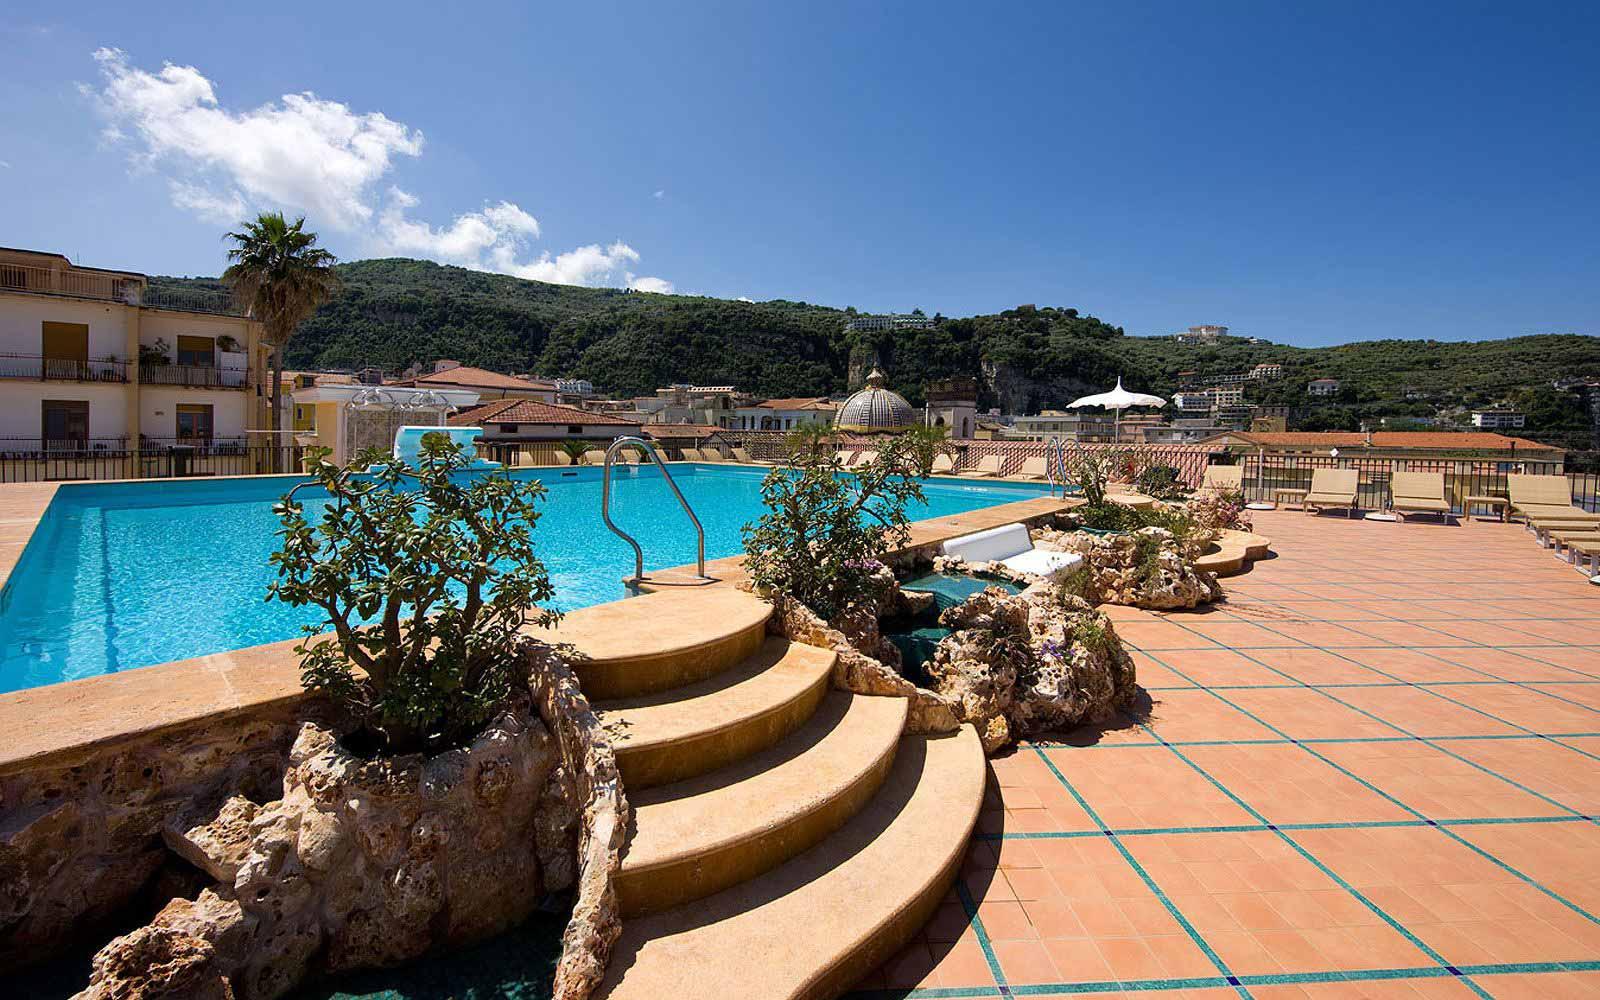 Rooftop swimming pool at the Grand Hotel La Favorita